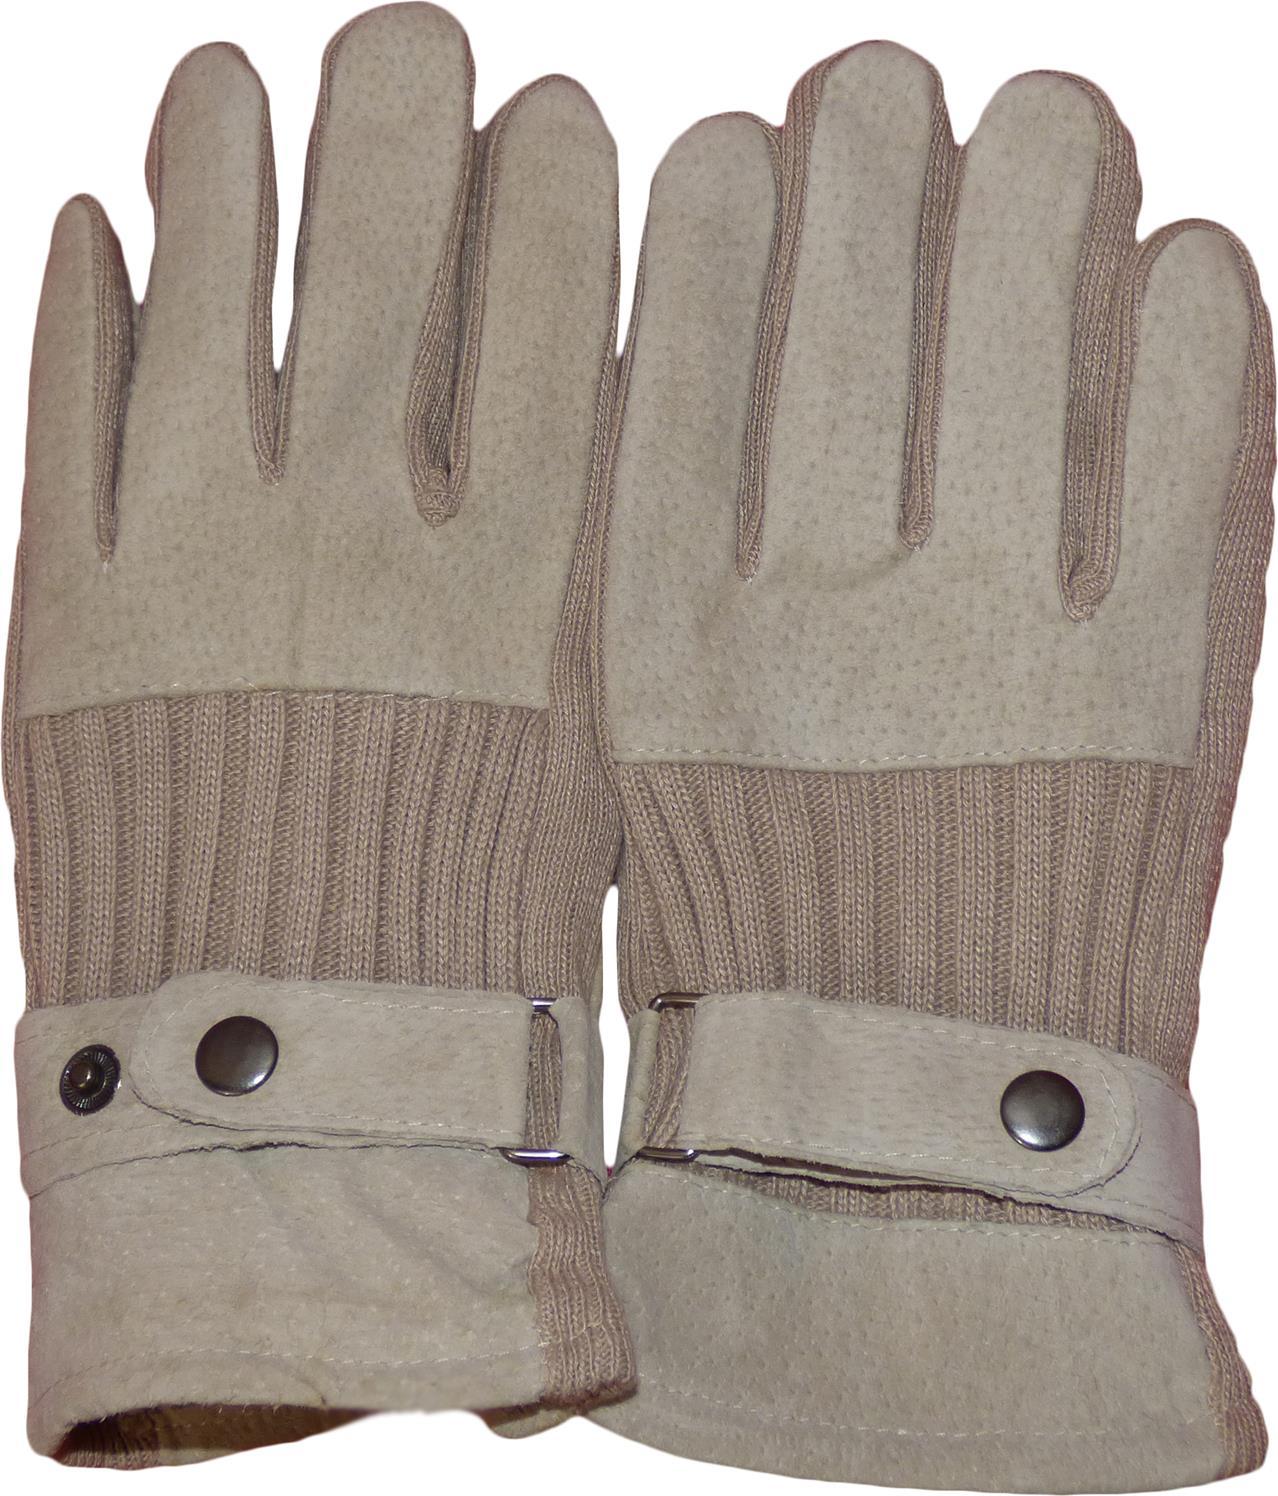 Rękawiczki DAMSKIE zamszowe ZIMA Jesień 2017